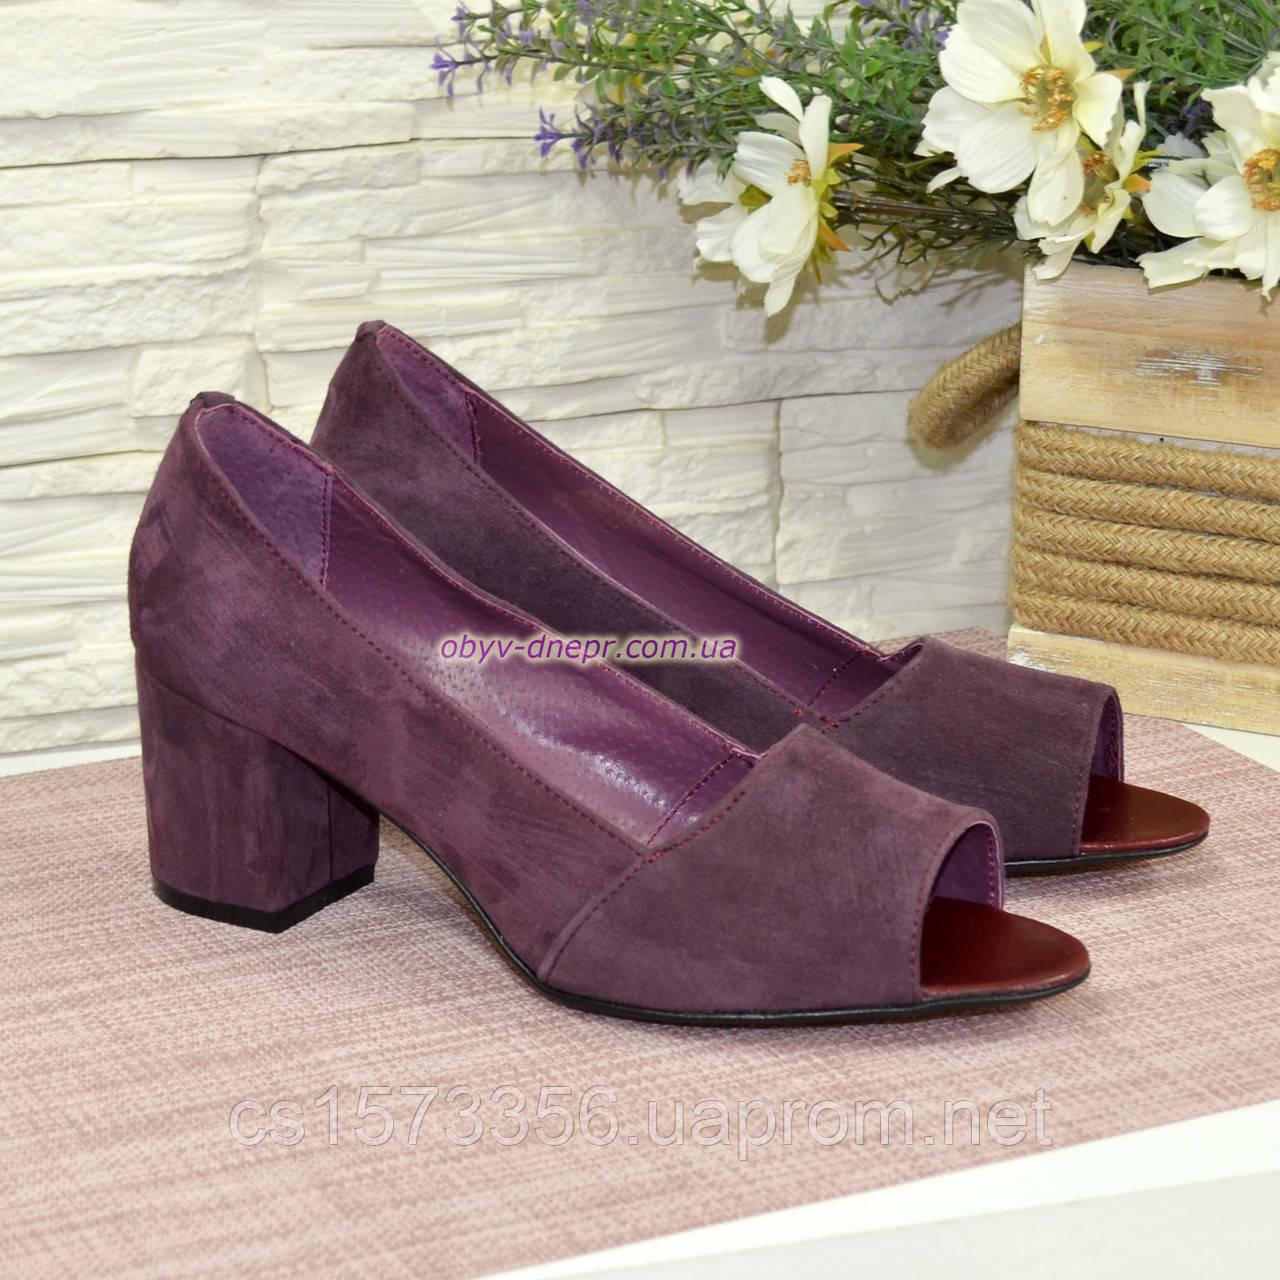 Туфли замшевые с открытым носком, на невысоком устойчивом каблуке, цвет фиолет